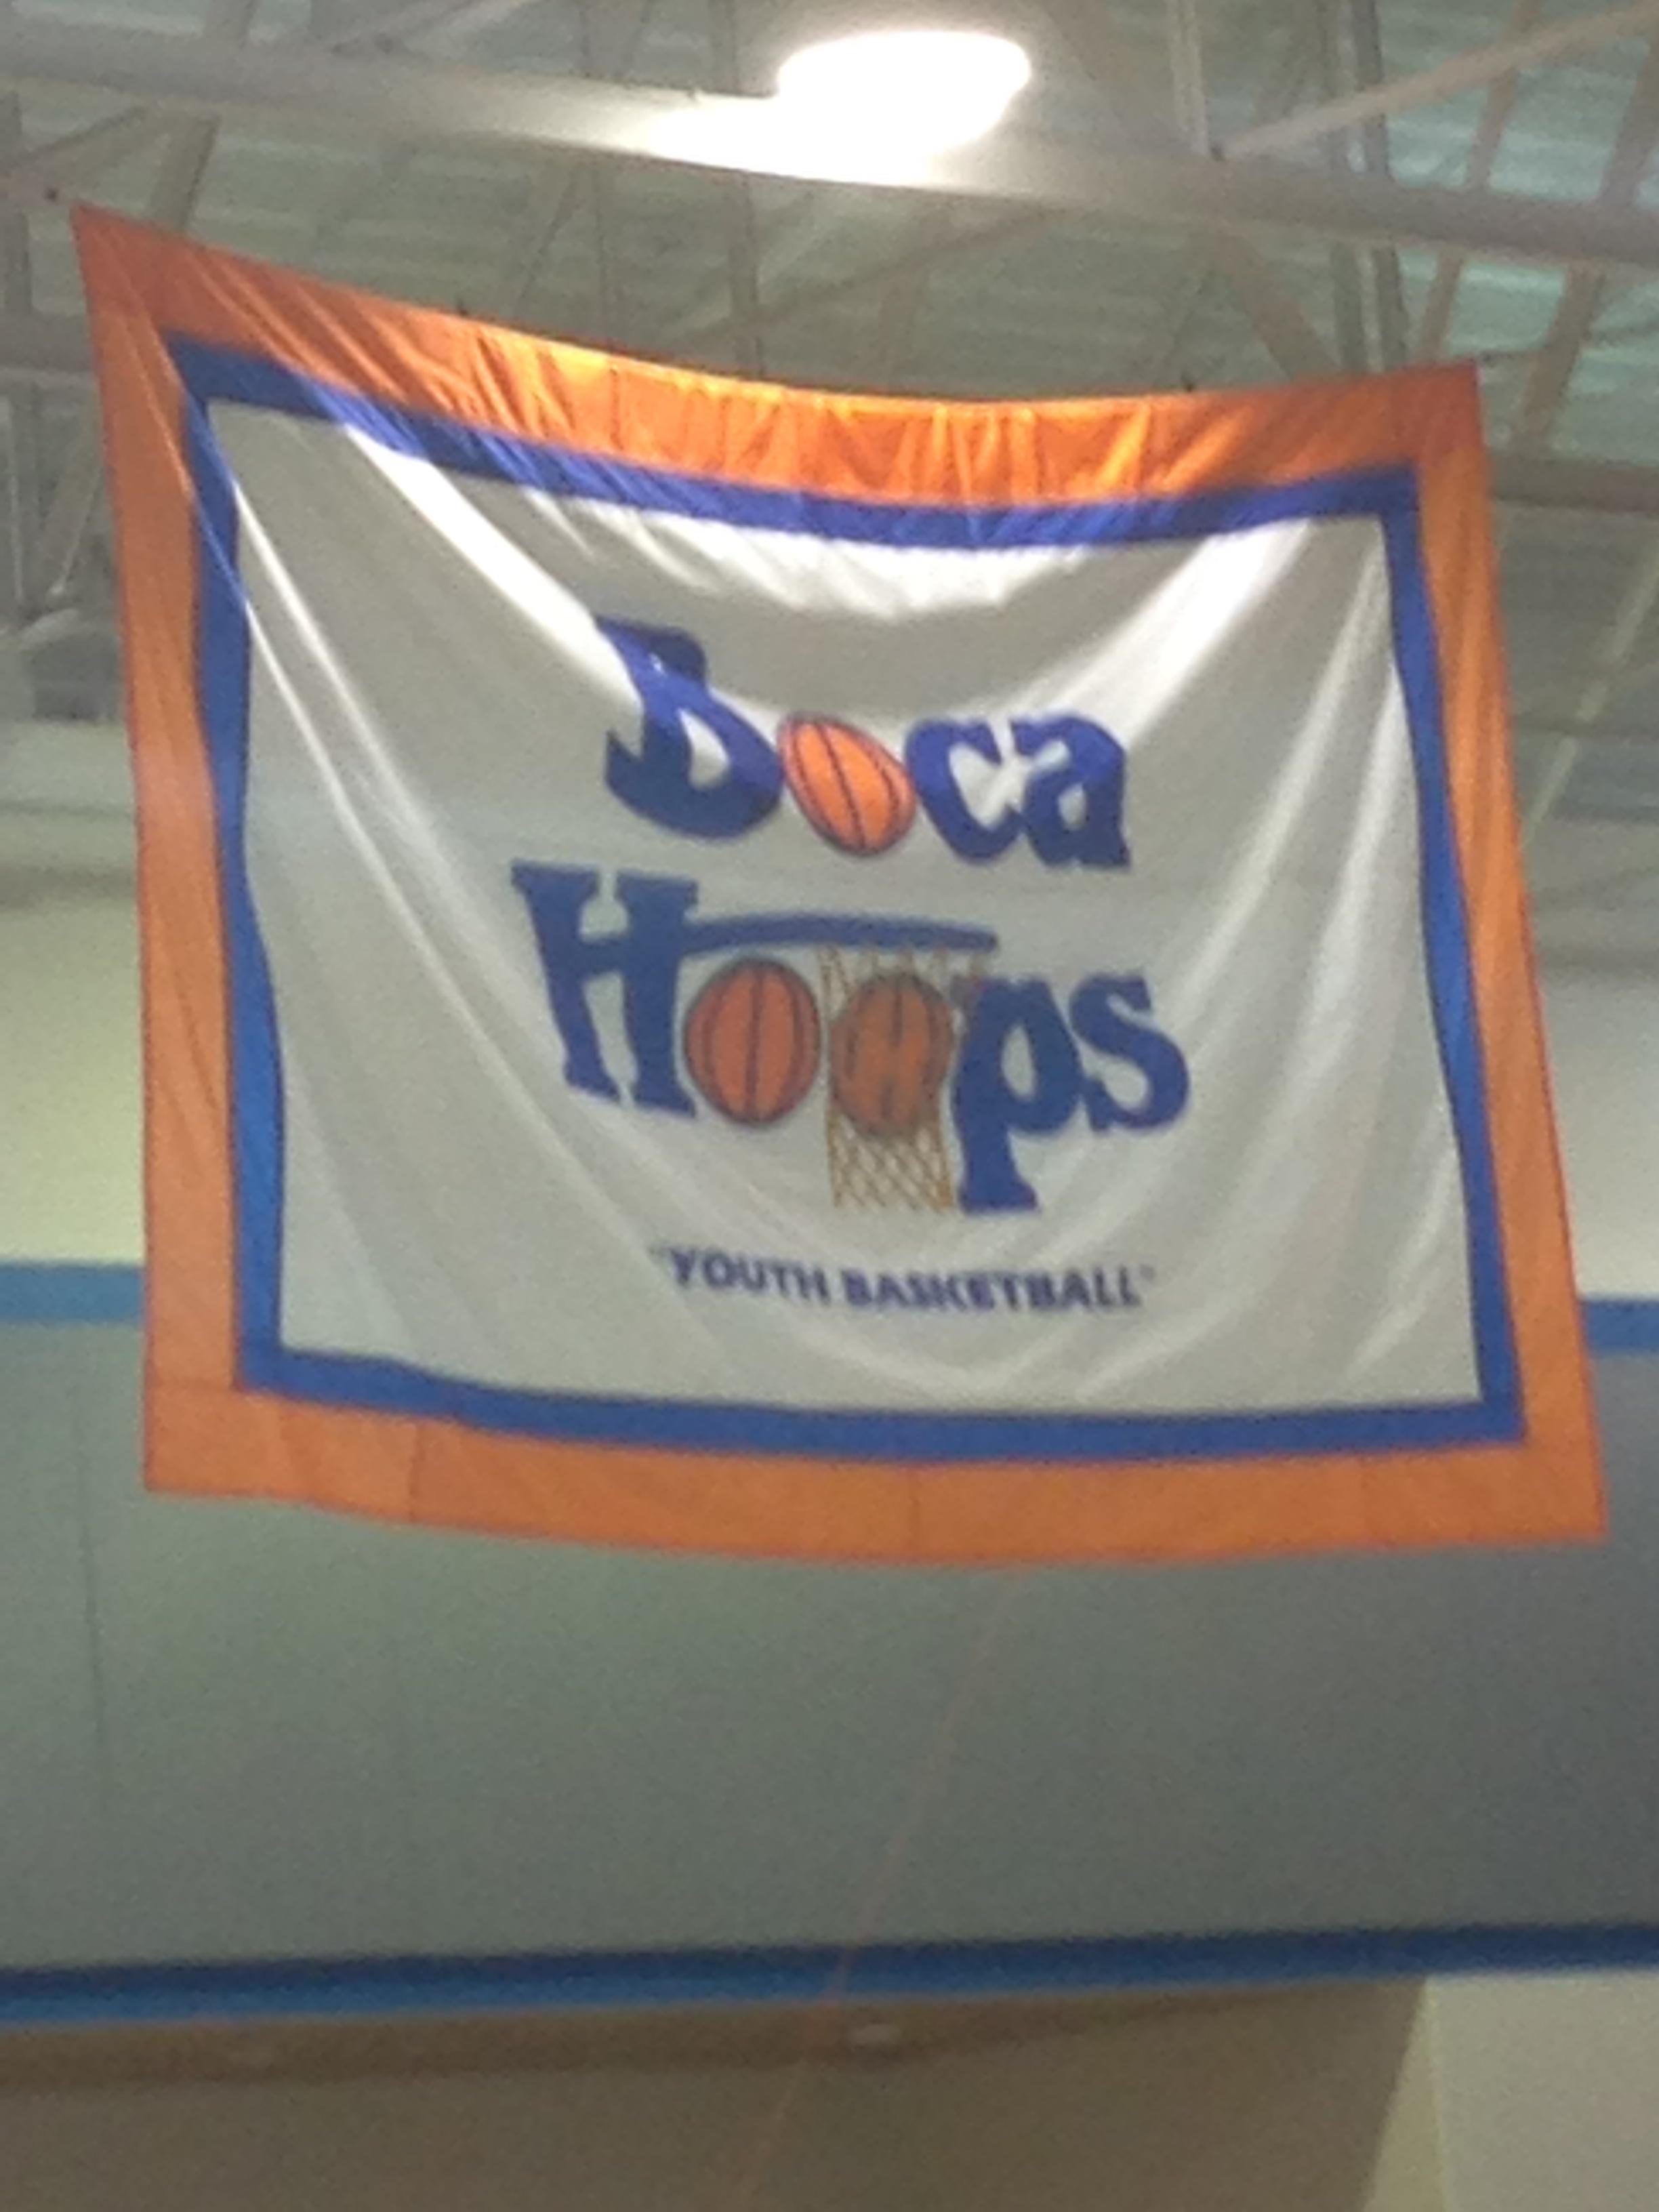 Boca Hoops Finals